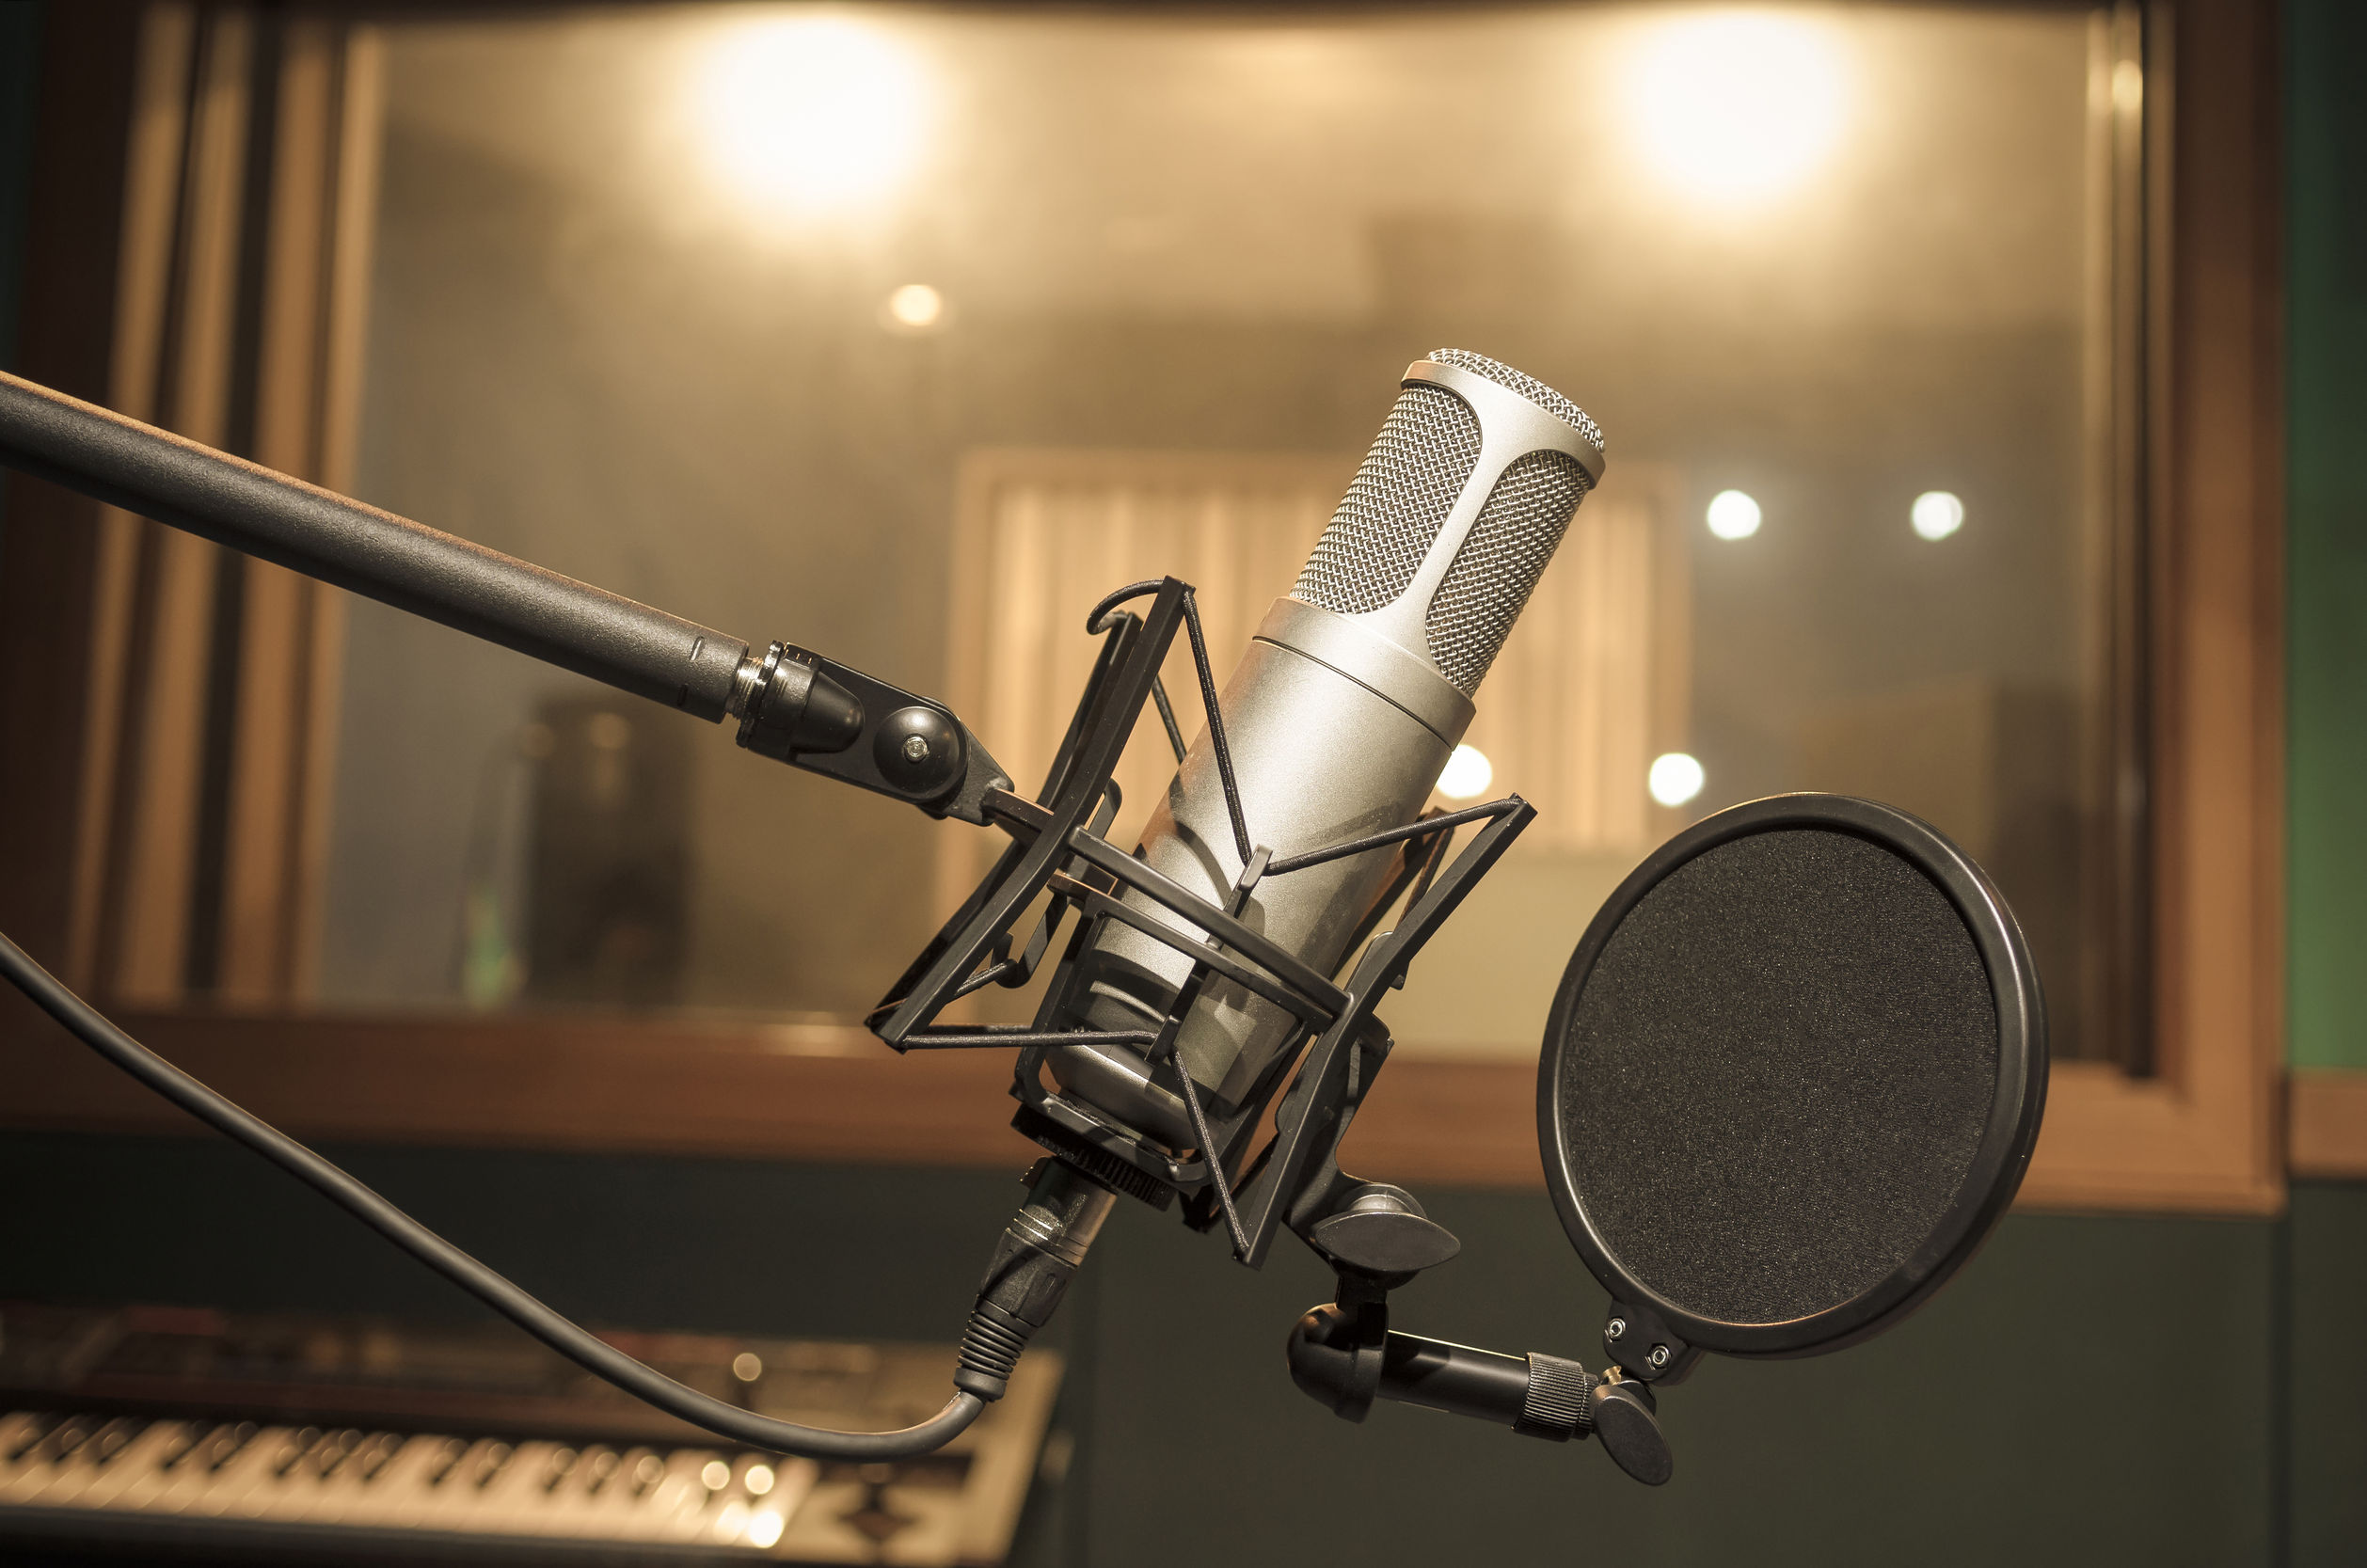 Micrófono de condensador de estudio profesional